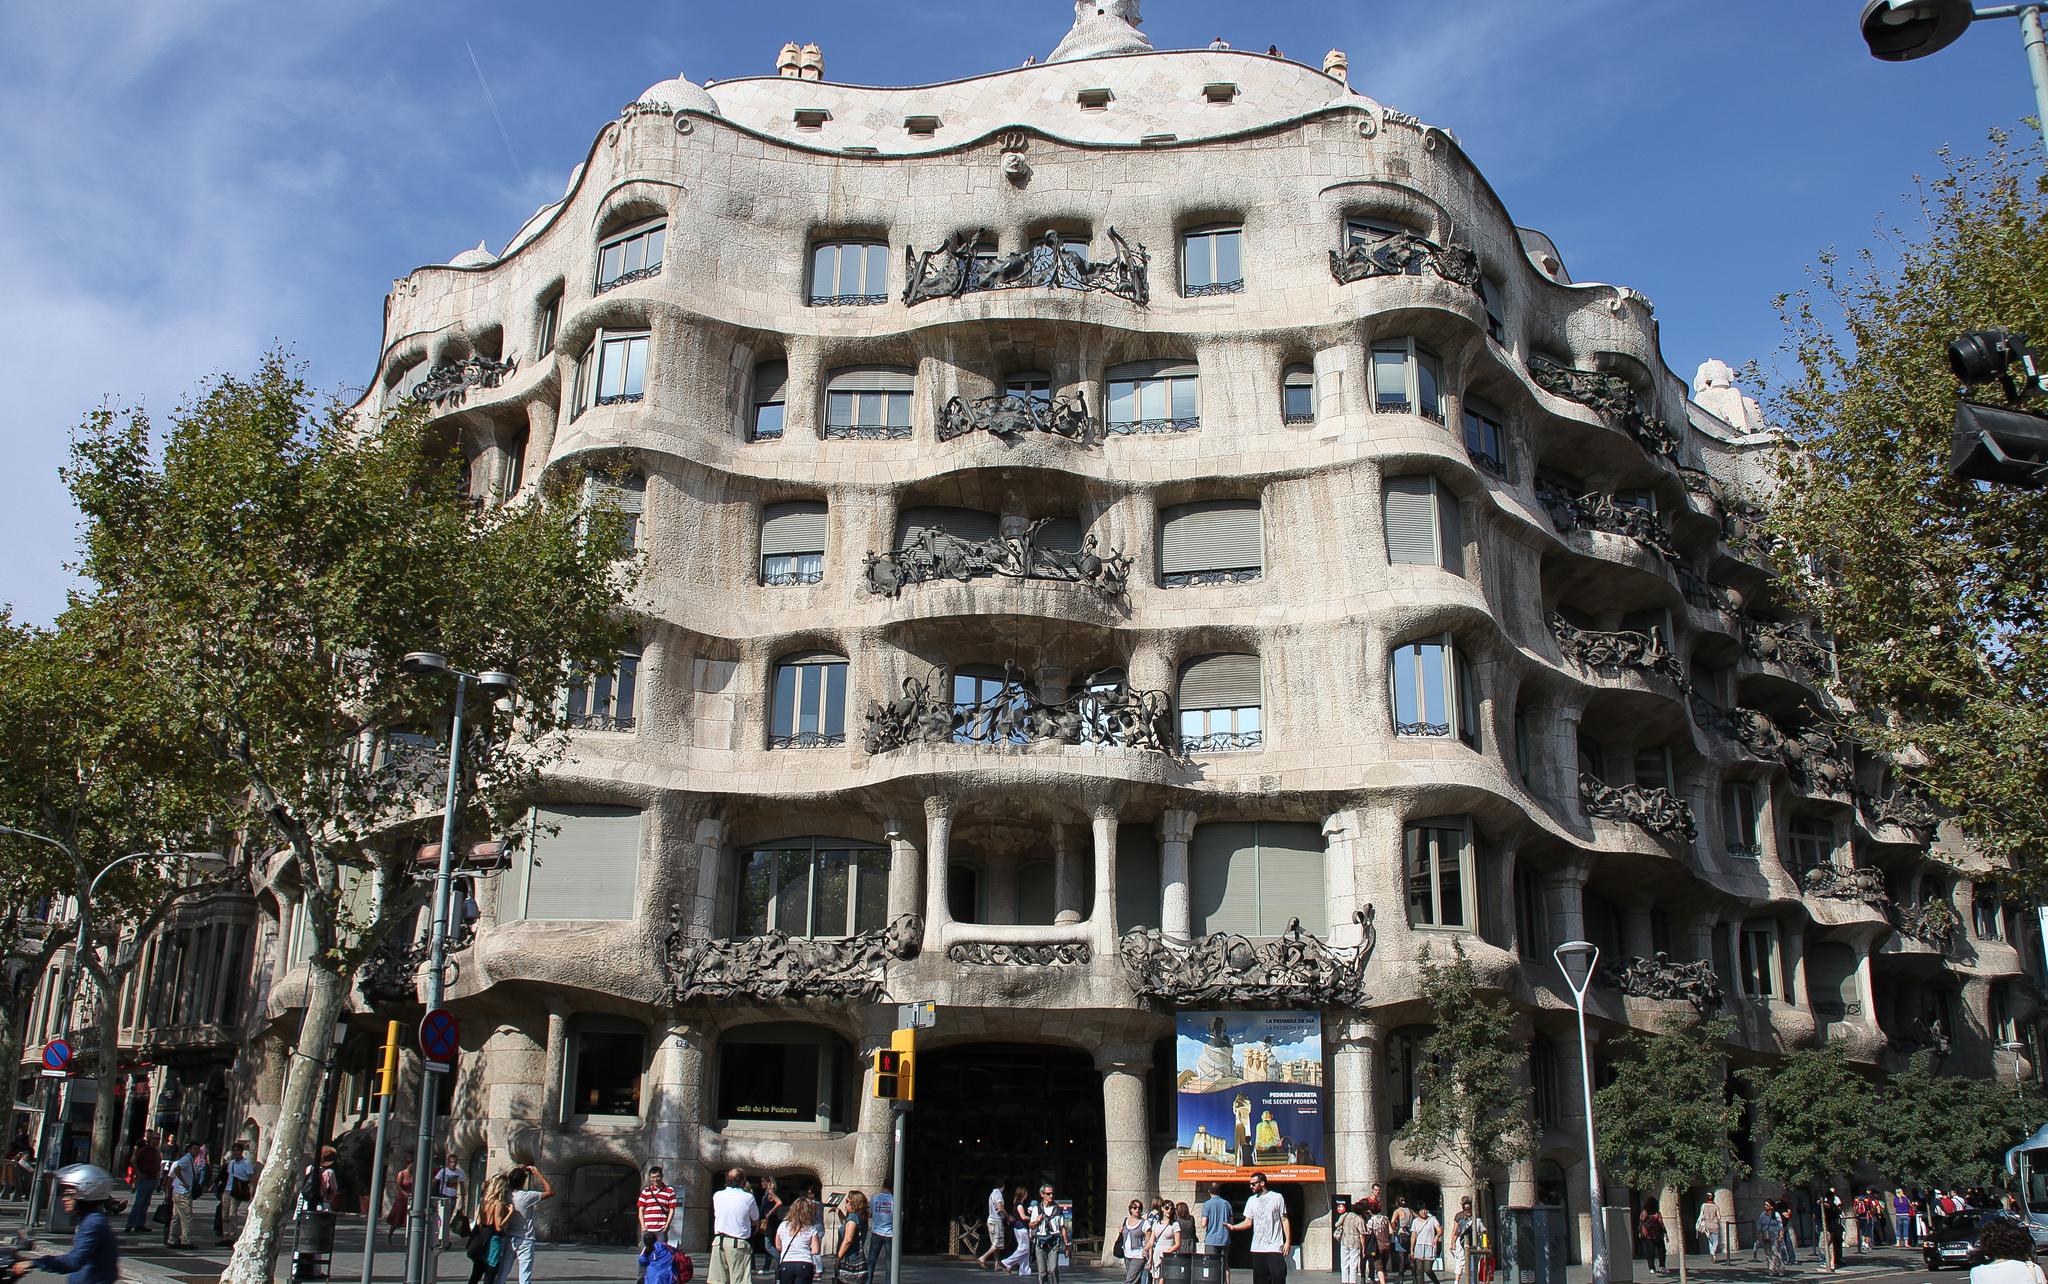 The Casa Milà or La Pedrera © Rick Ligthelm